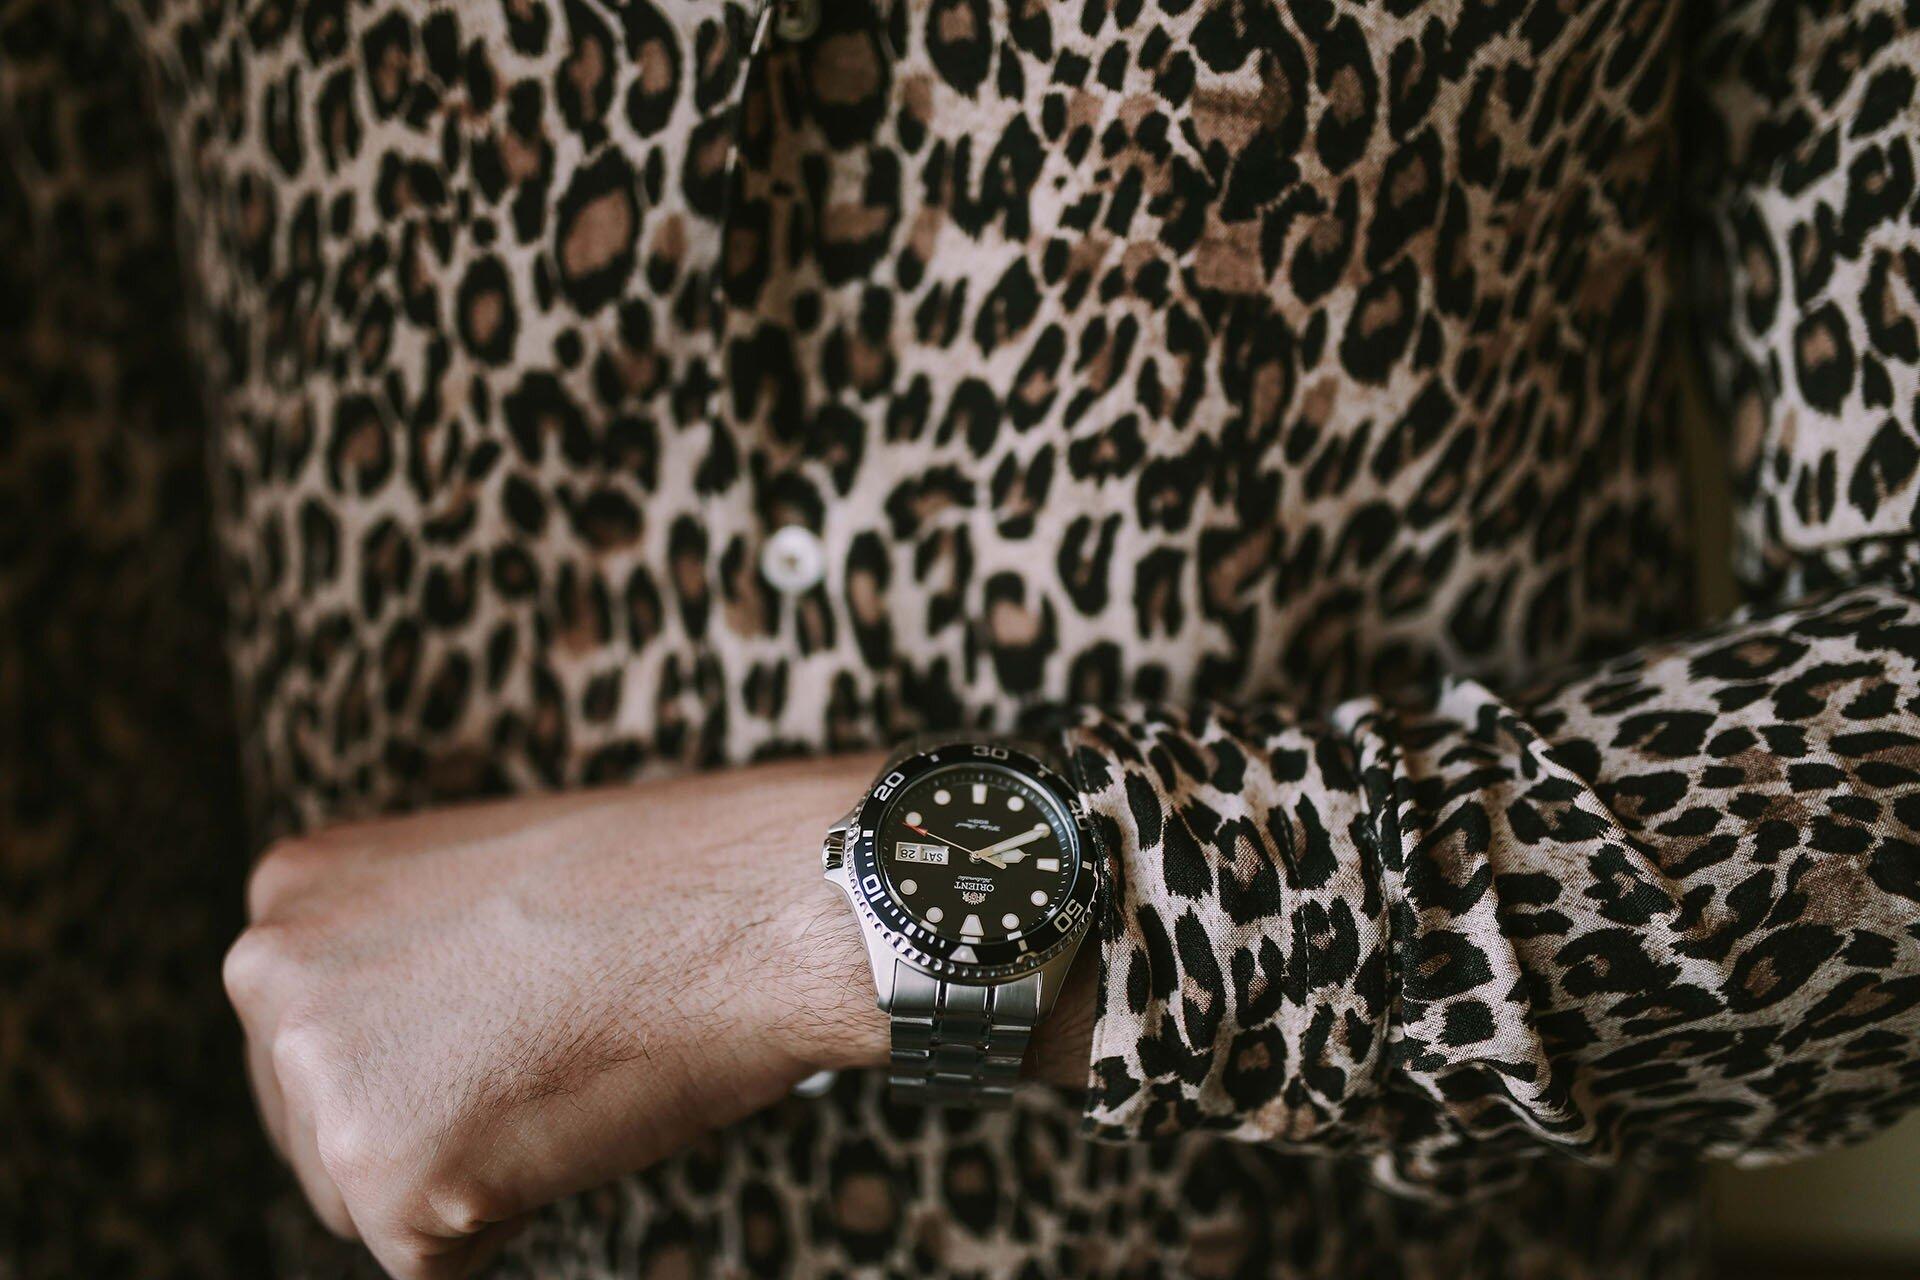 Zegarek męski ORIENT, ORIENT sport, Moving Moments, Srebrny zegarek na bransolecie, Moda męska, Zegarki męskie, Jaki zegarek wybrać dla mężczyzny